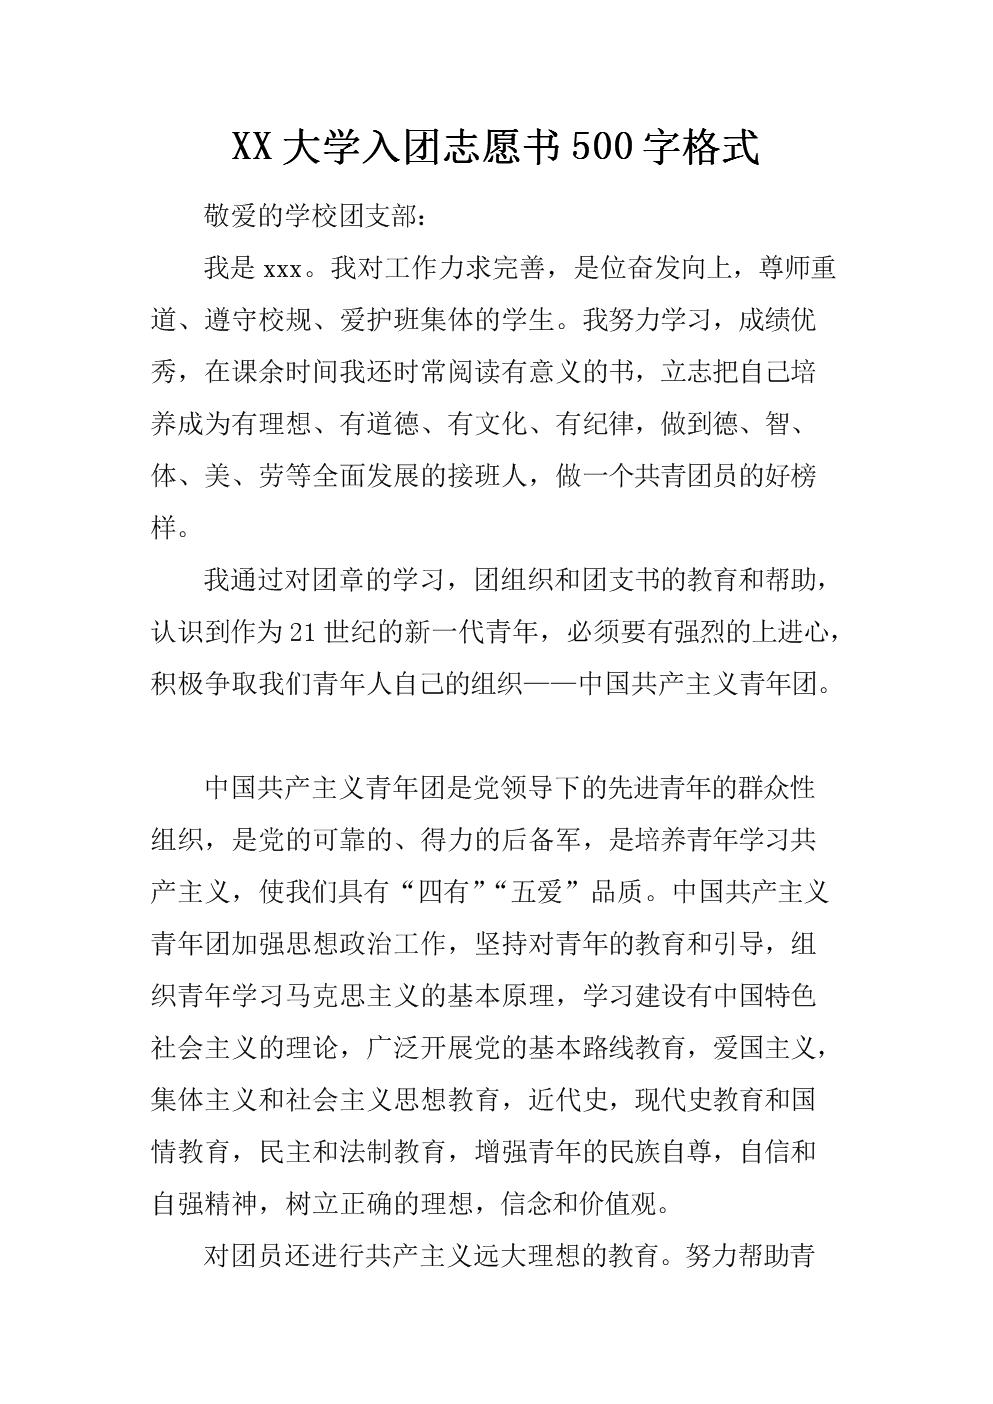 xx大學入團志愿書500字格式.docx圖片